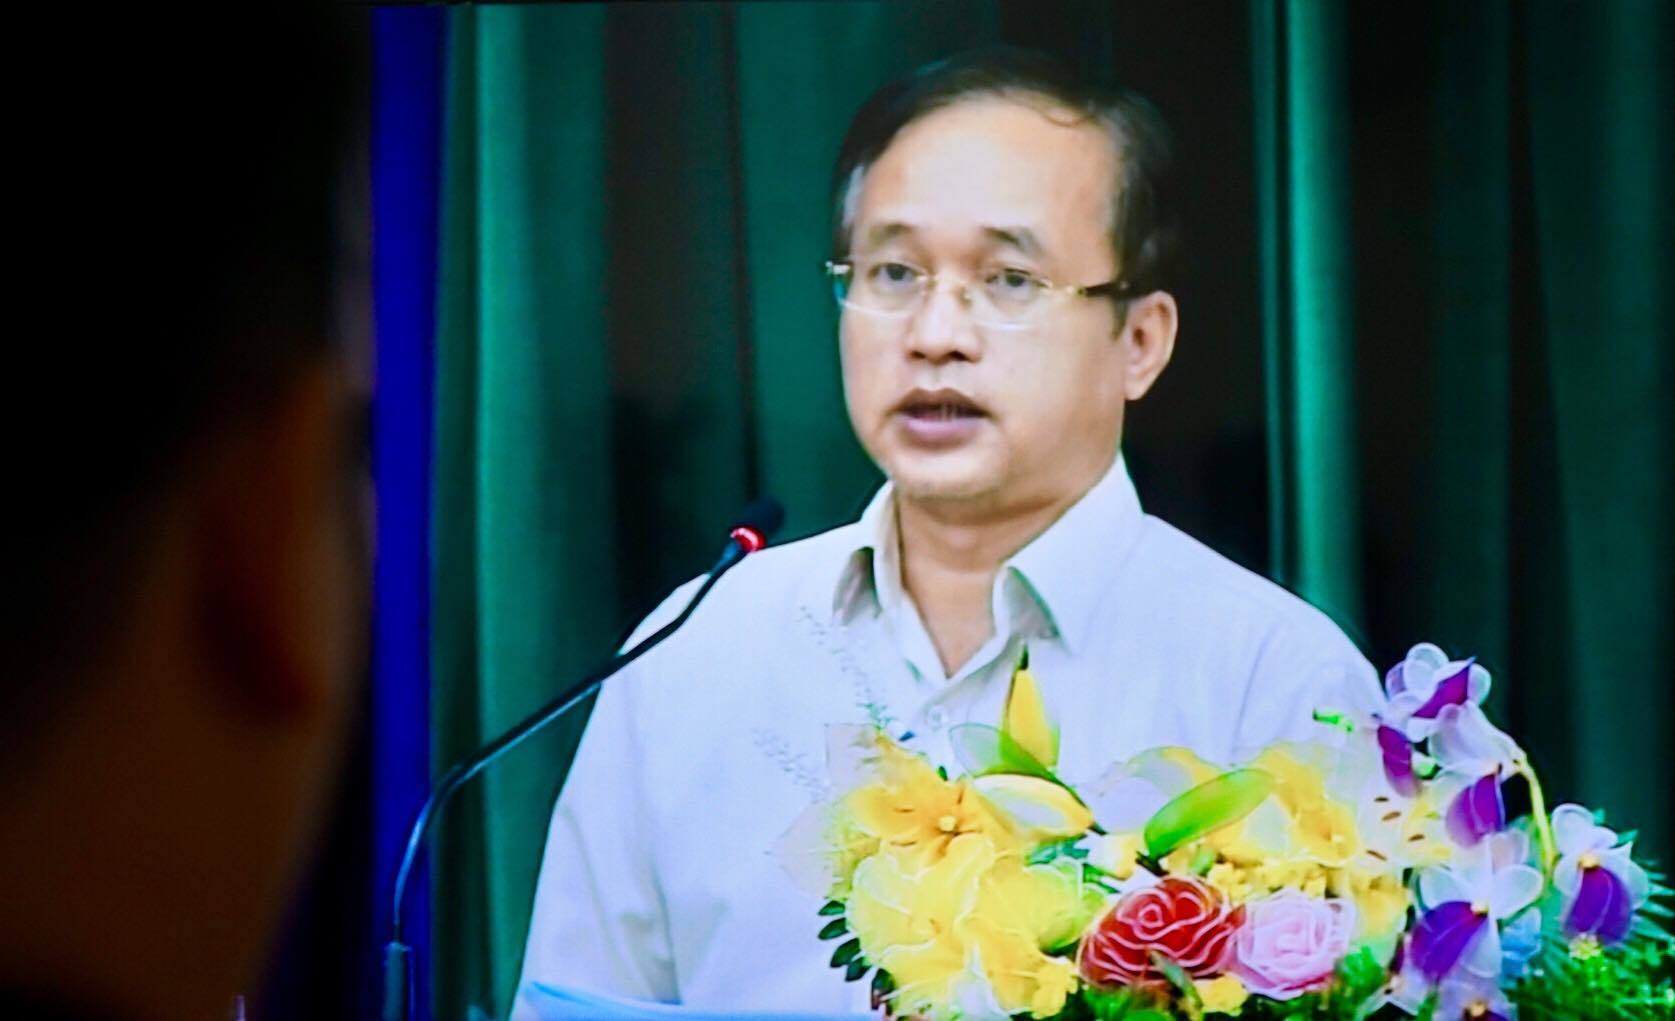 Thủ Thiêm,quy hoạch Thủ Thiêm,Nguyễn Thành Phong